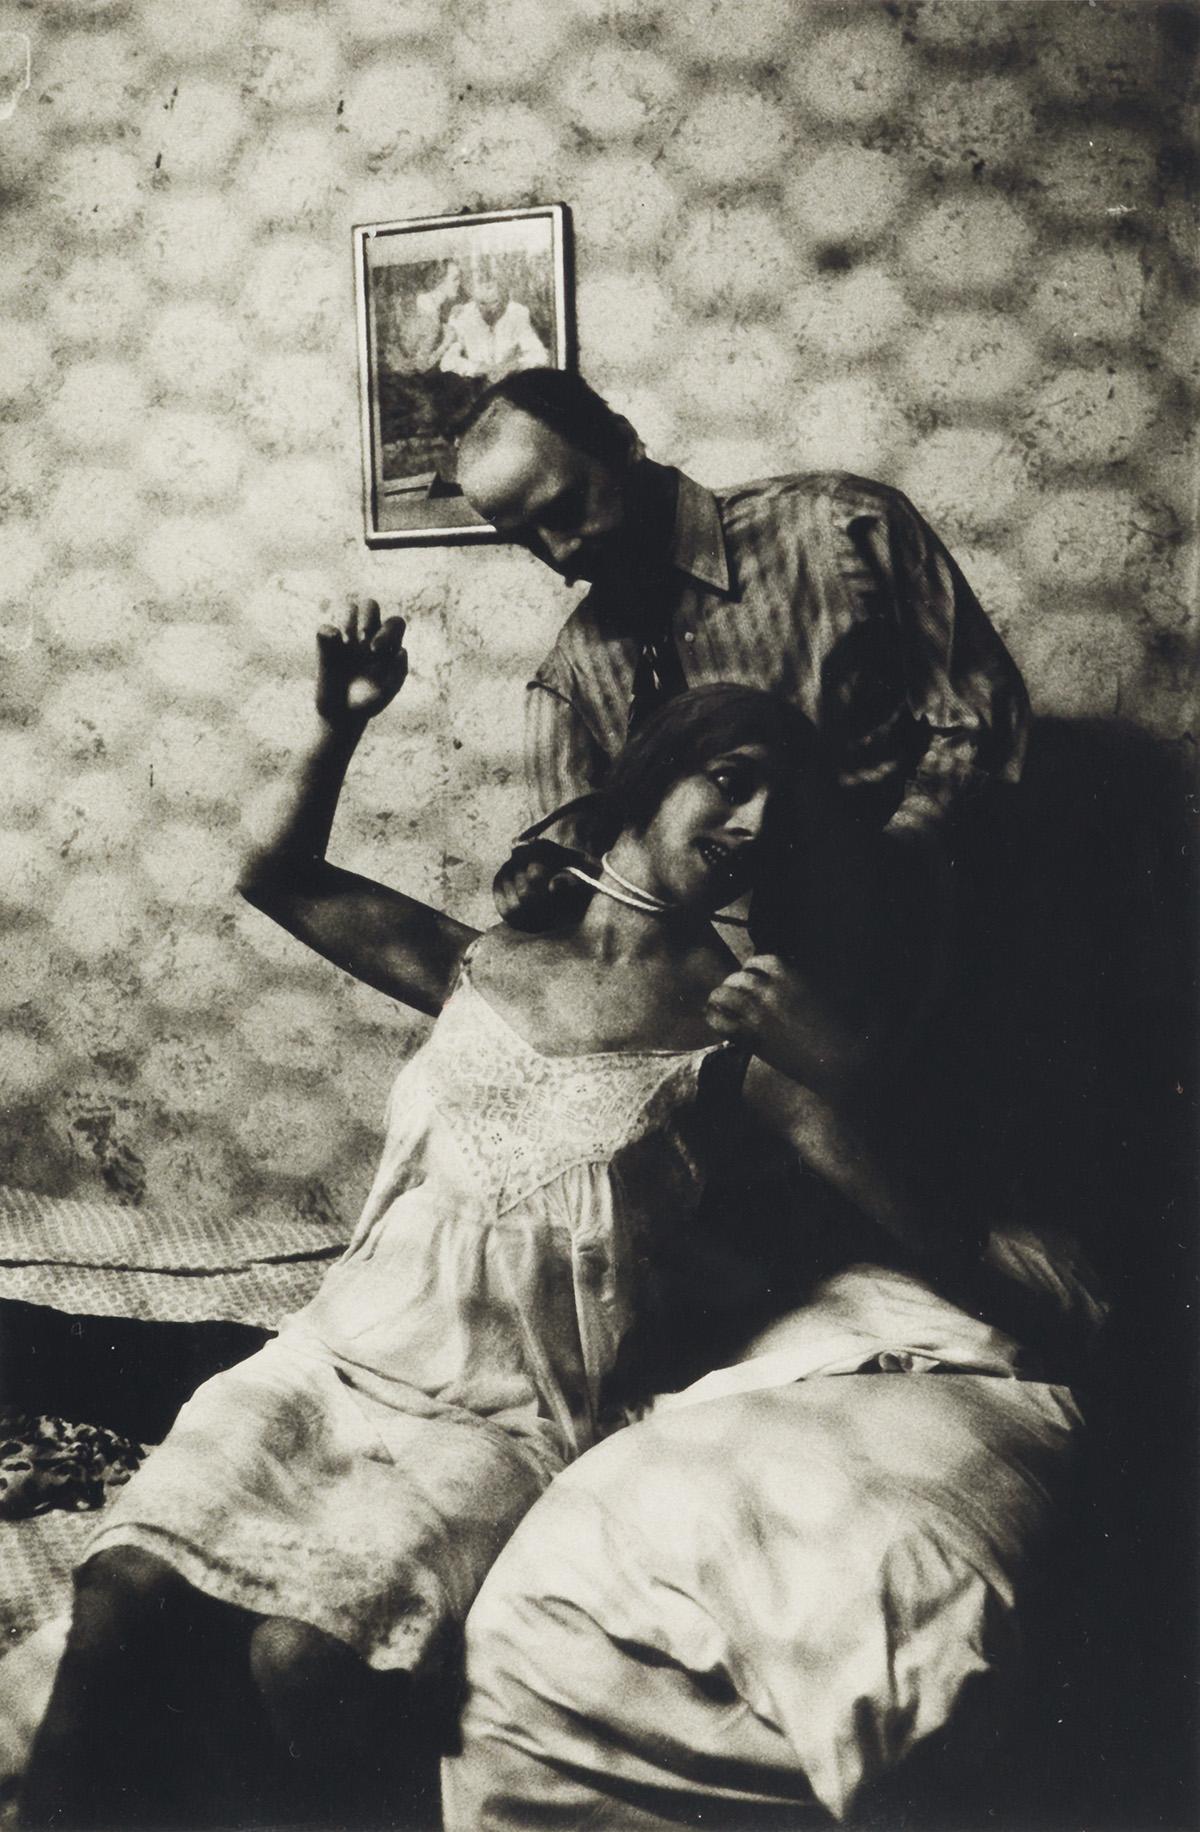 DIANE ARBUS (1923-1971)/NEIL SELKIRK (1947- ) Wax Museum Strangler, Coney Island, N.Y.